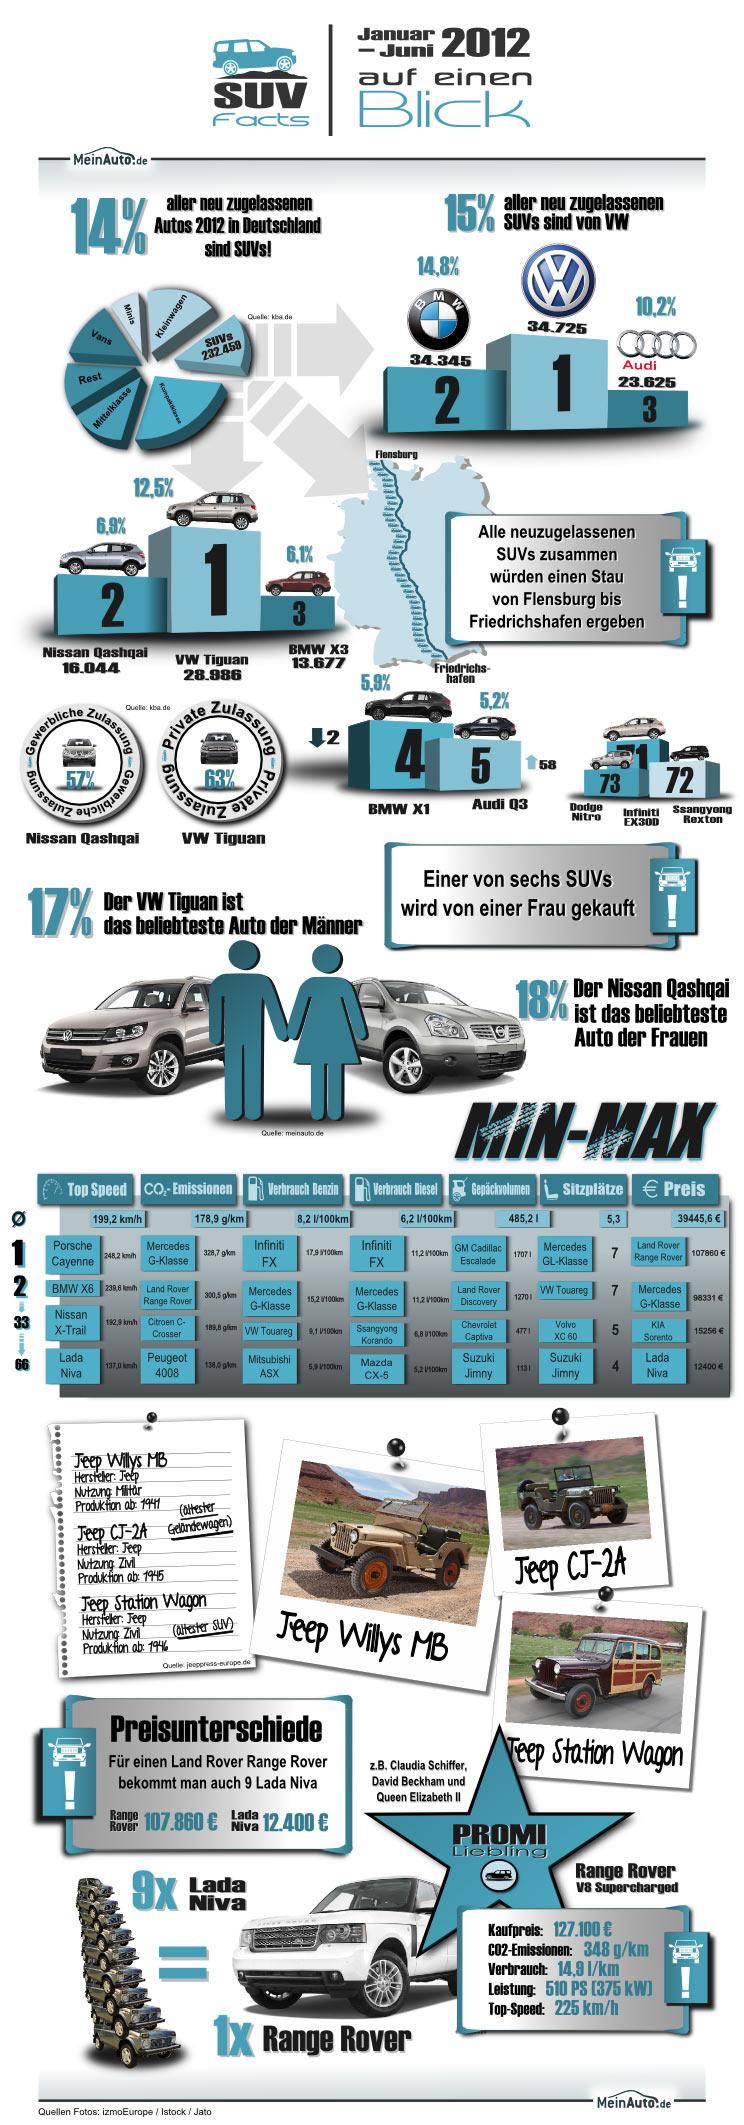 Informationen rund um SUV-Modelle